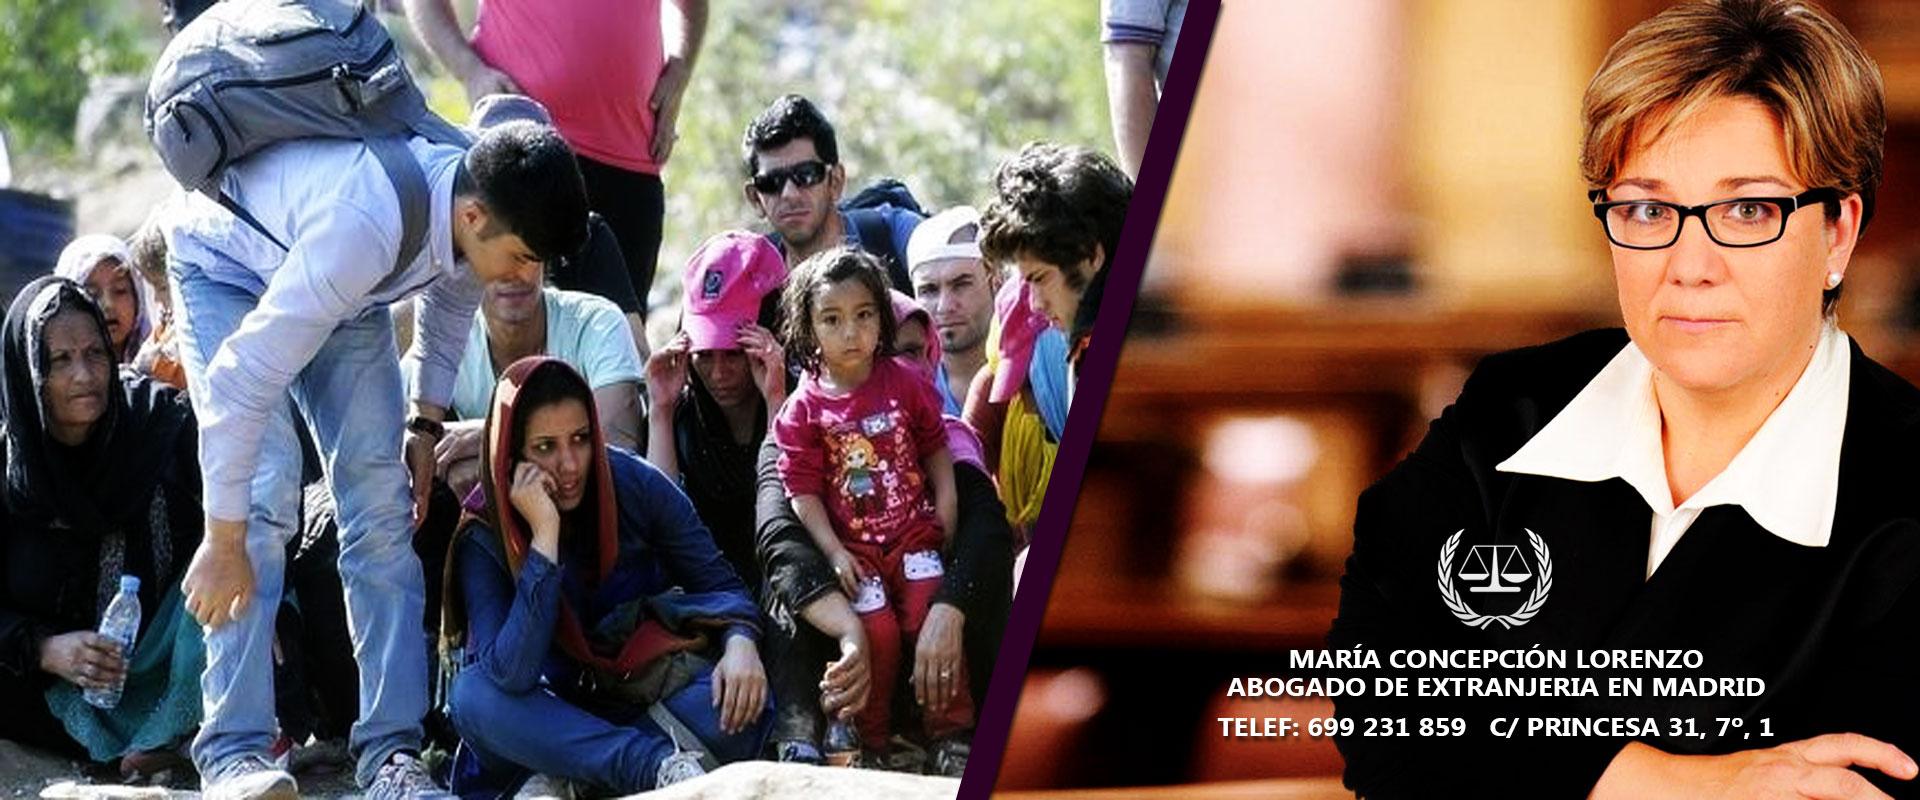 Solicitar asilo y refugio en espa a abogados de extranjer a madrid - Oficina de asilo y refugio ...